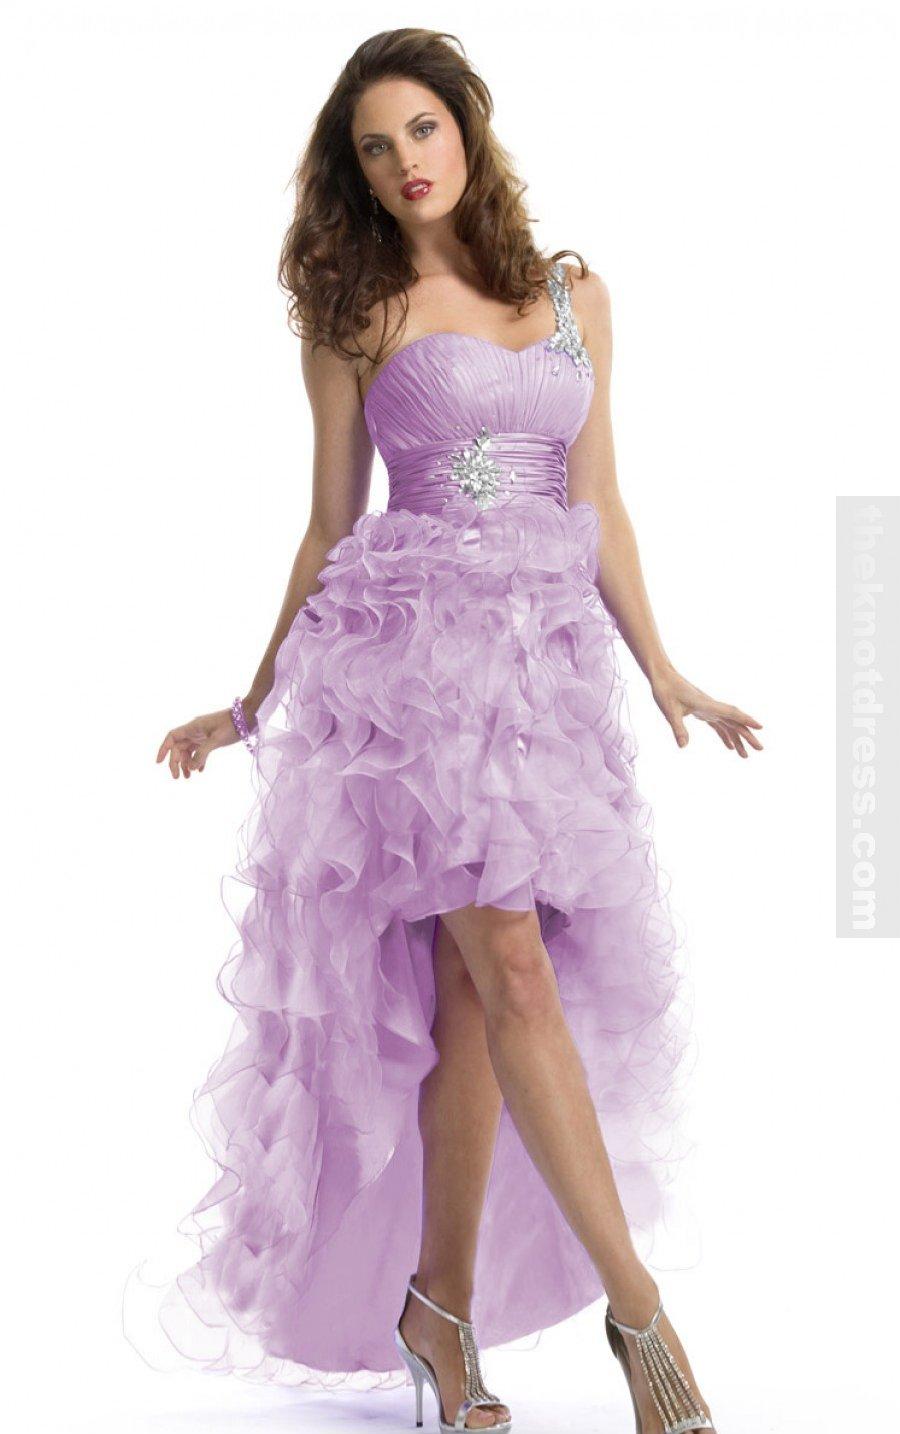 A nakoniec spoločenské šaty... - Obrázok č. 1